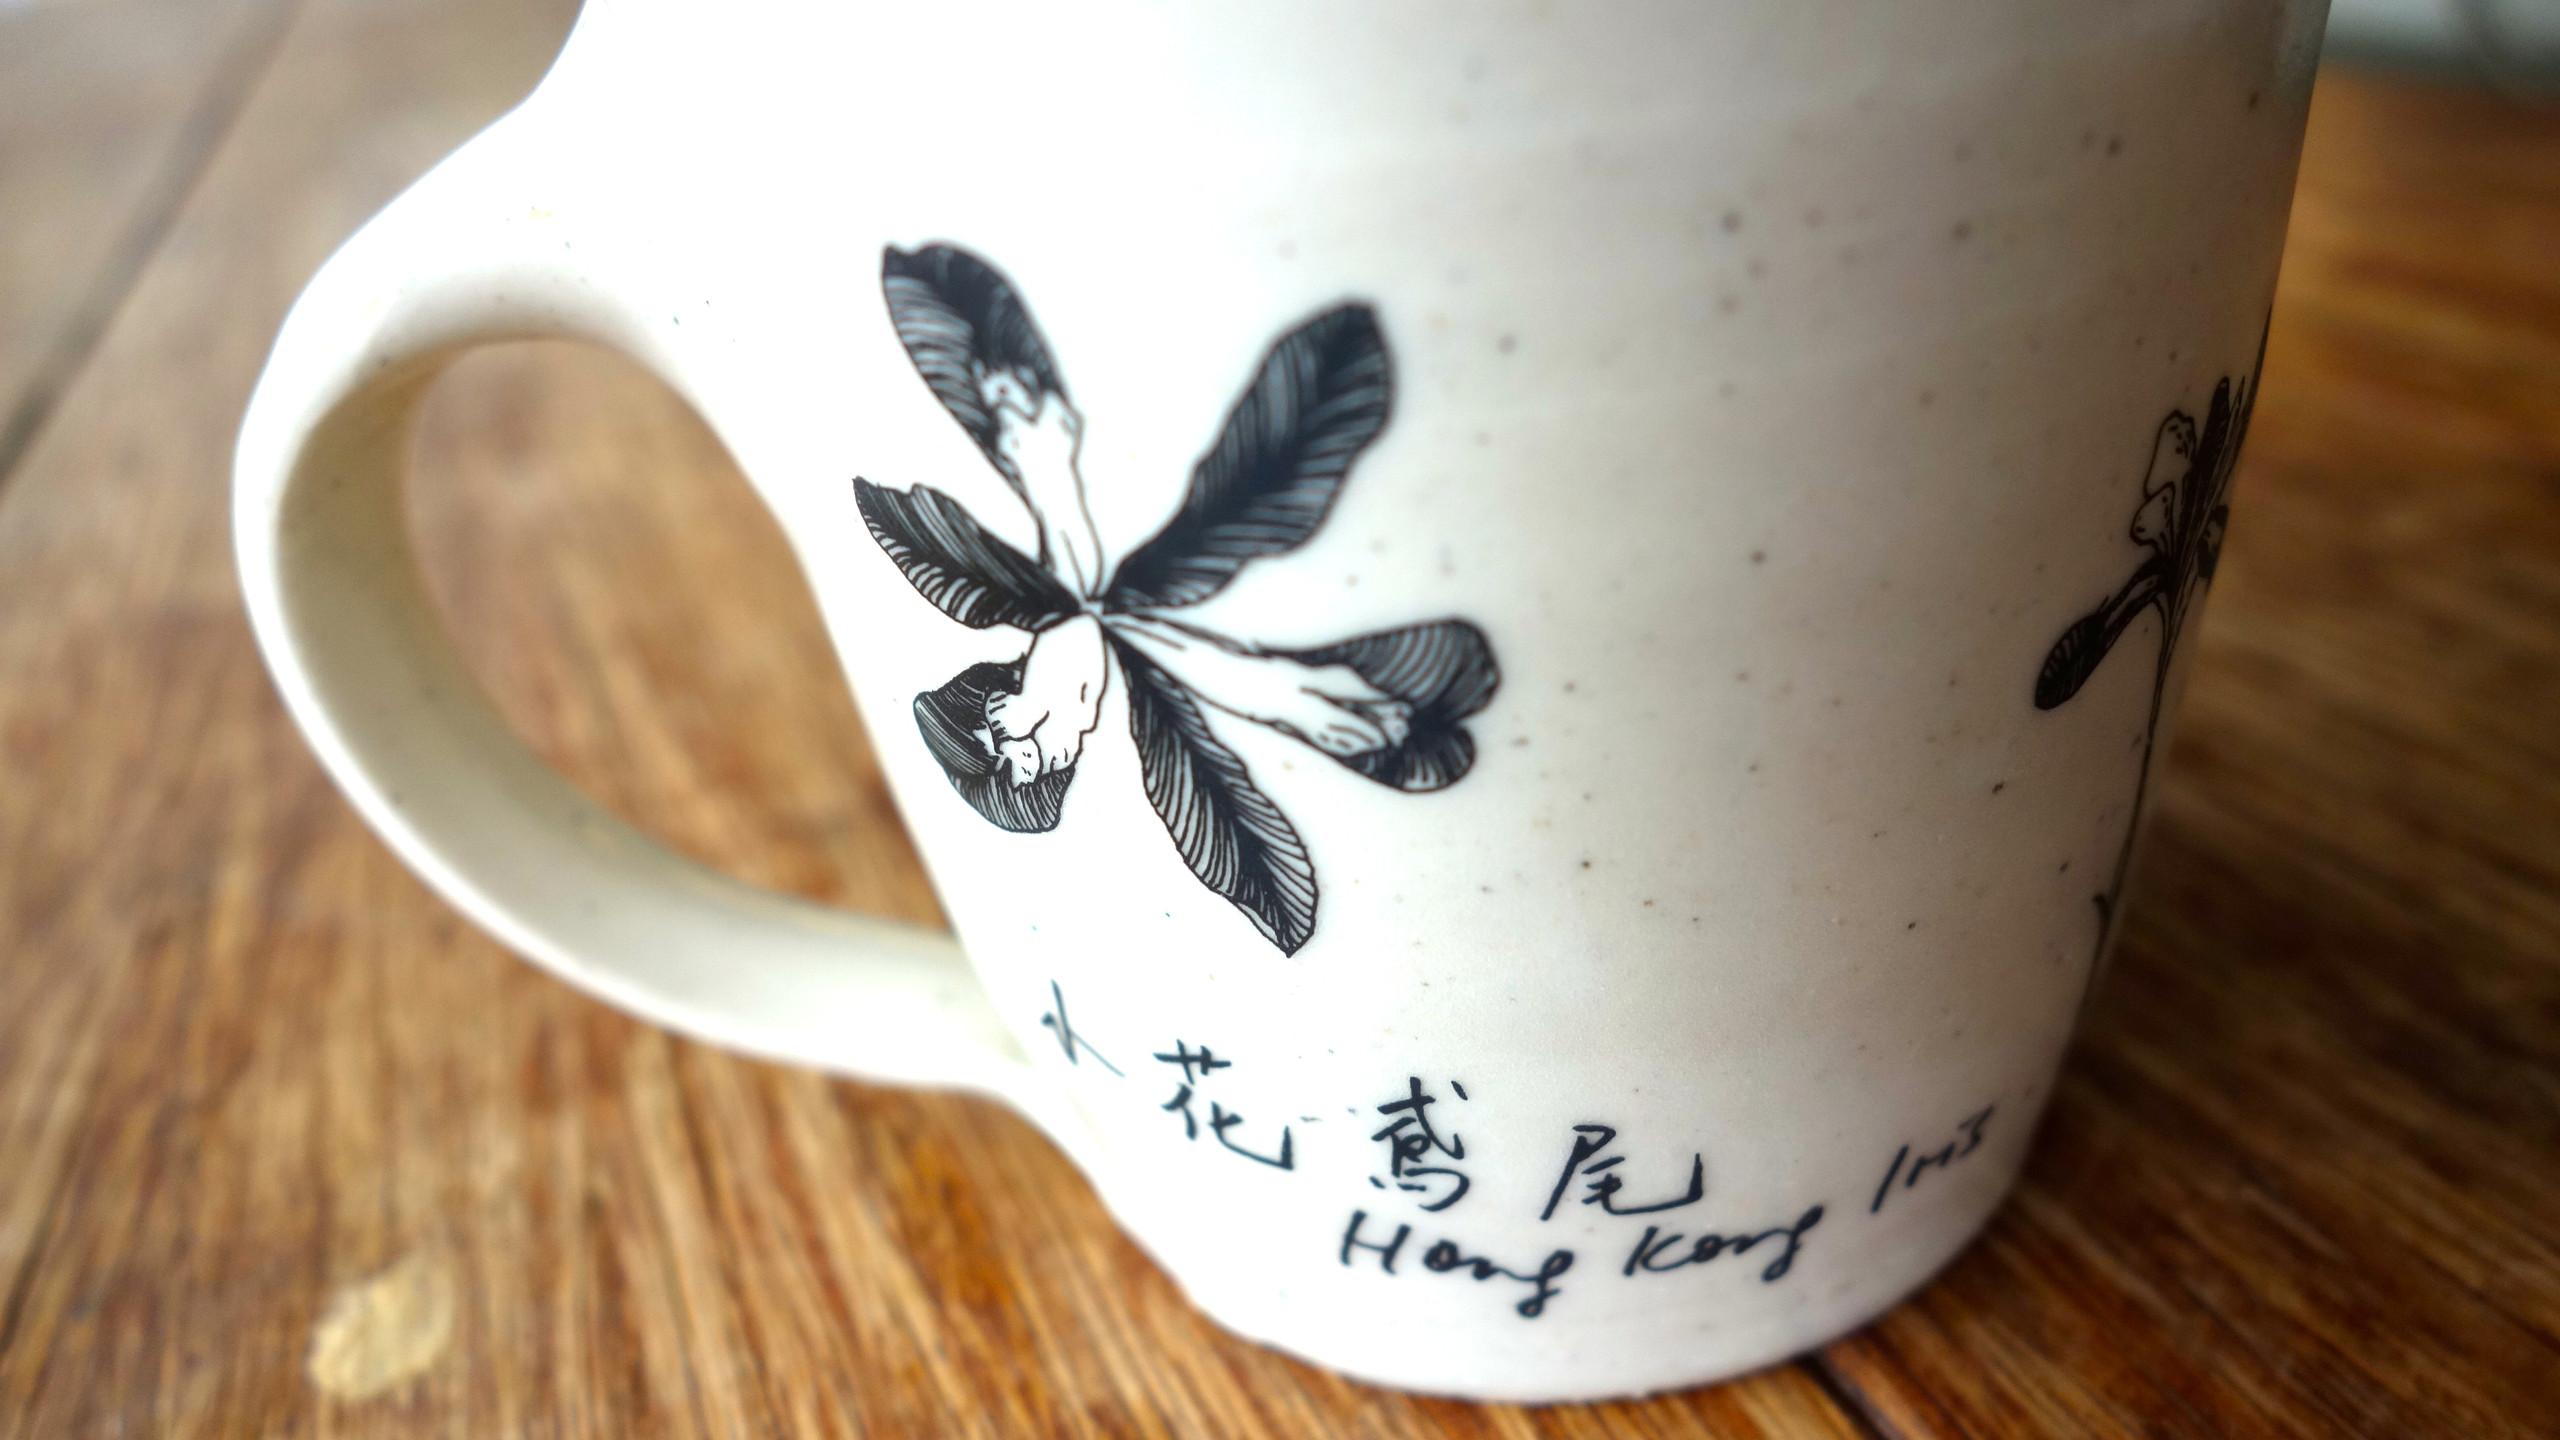 Hong Kong Iris 小花鳶尾